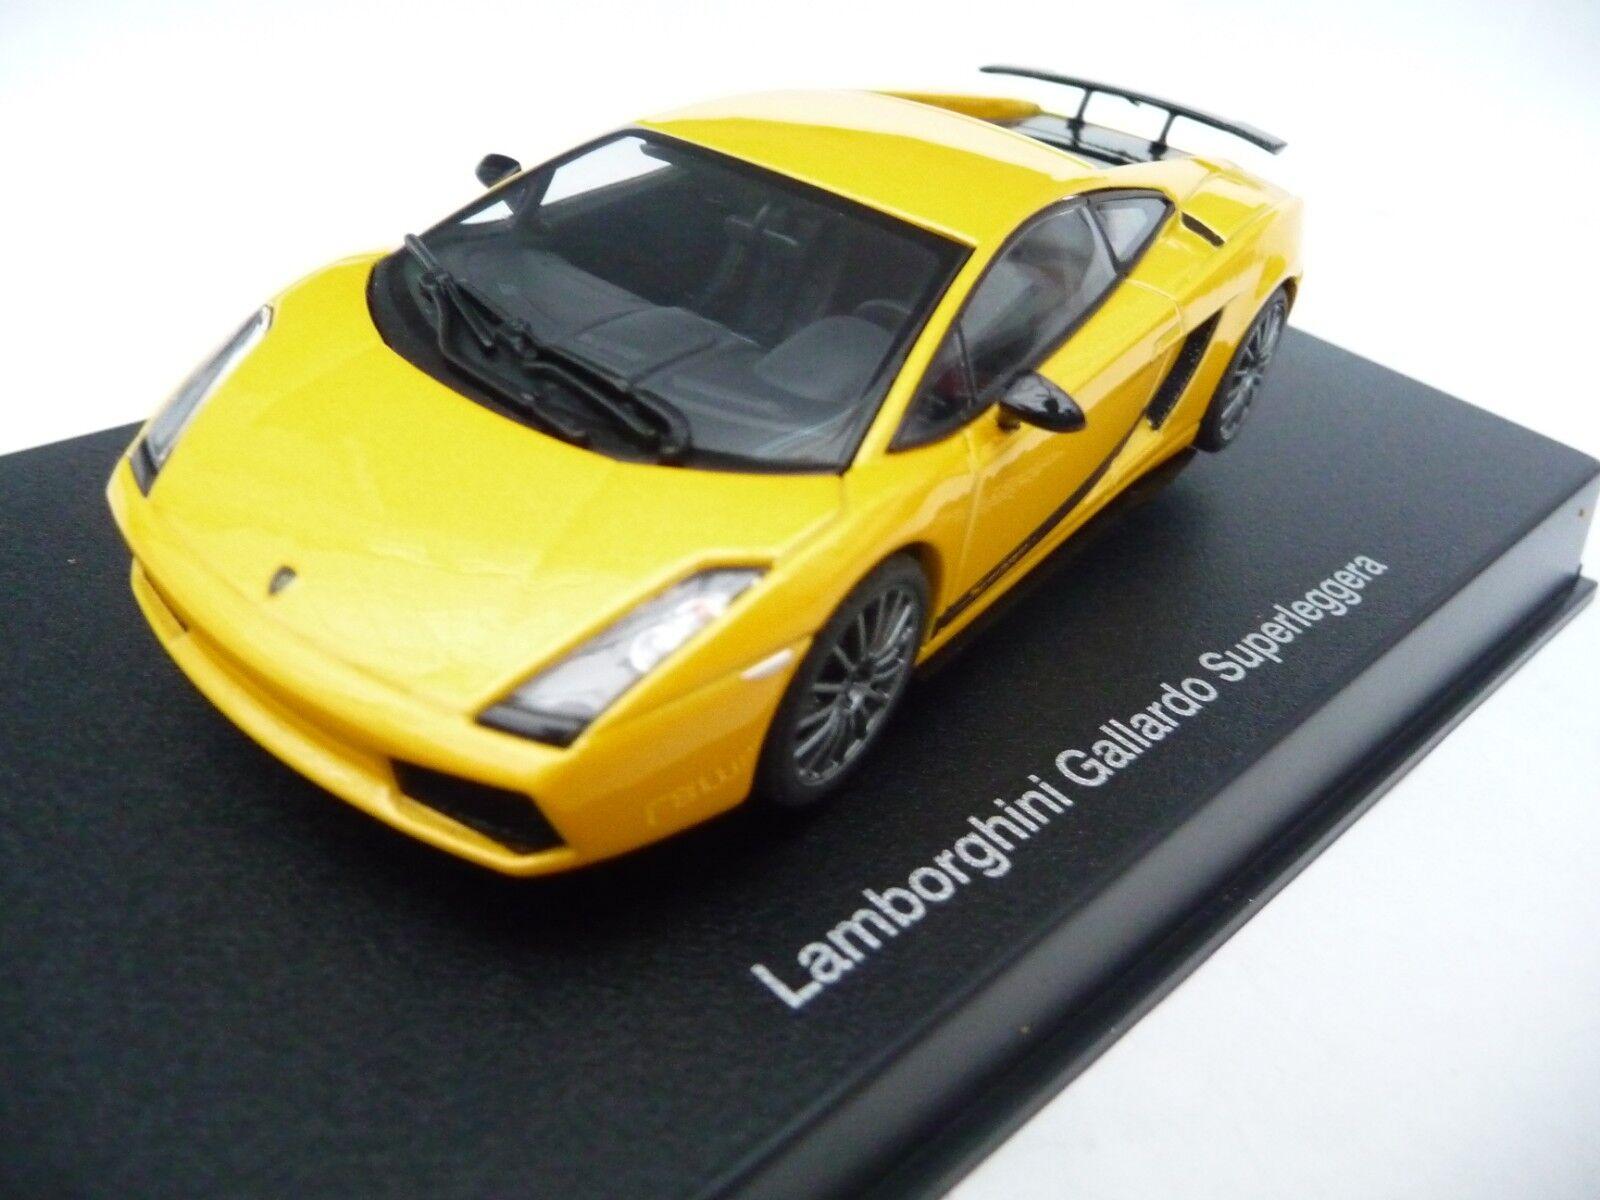 AUTOart 1 43 Lamborghini Gallardo Superleggera Metallic Yellow AA54614